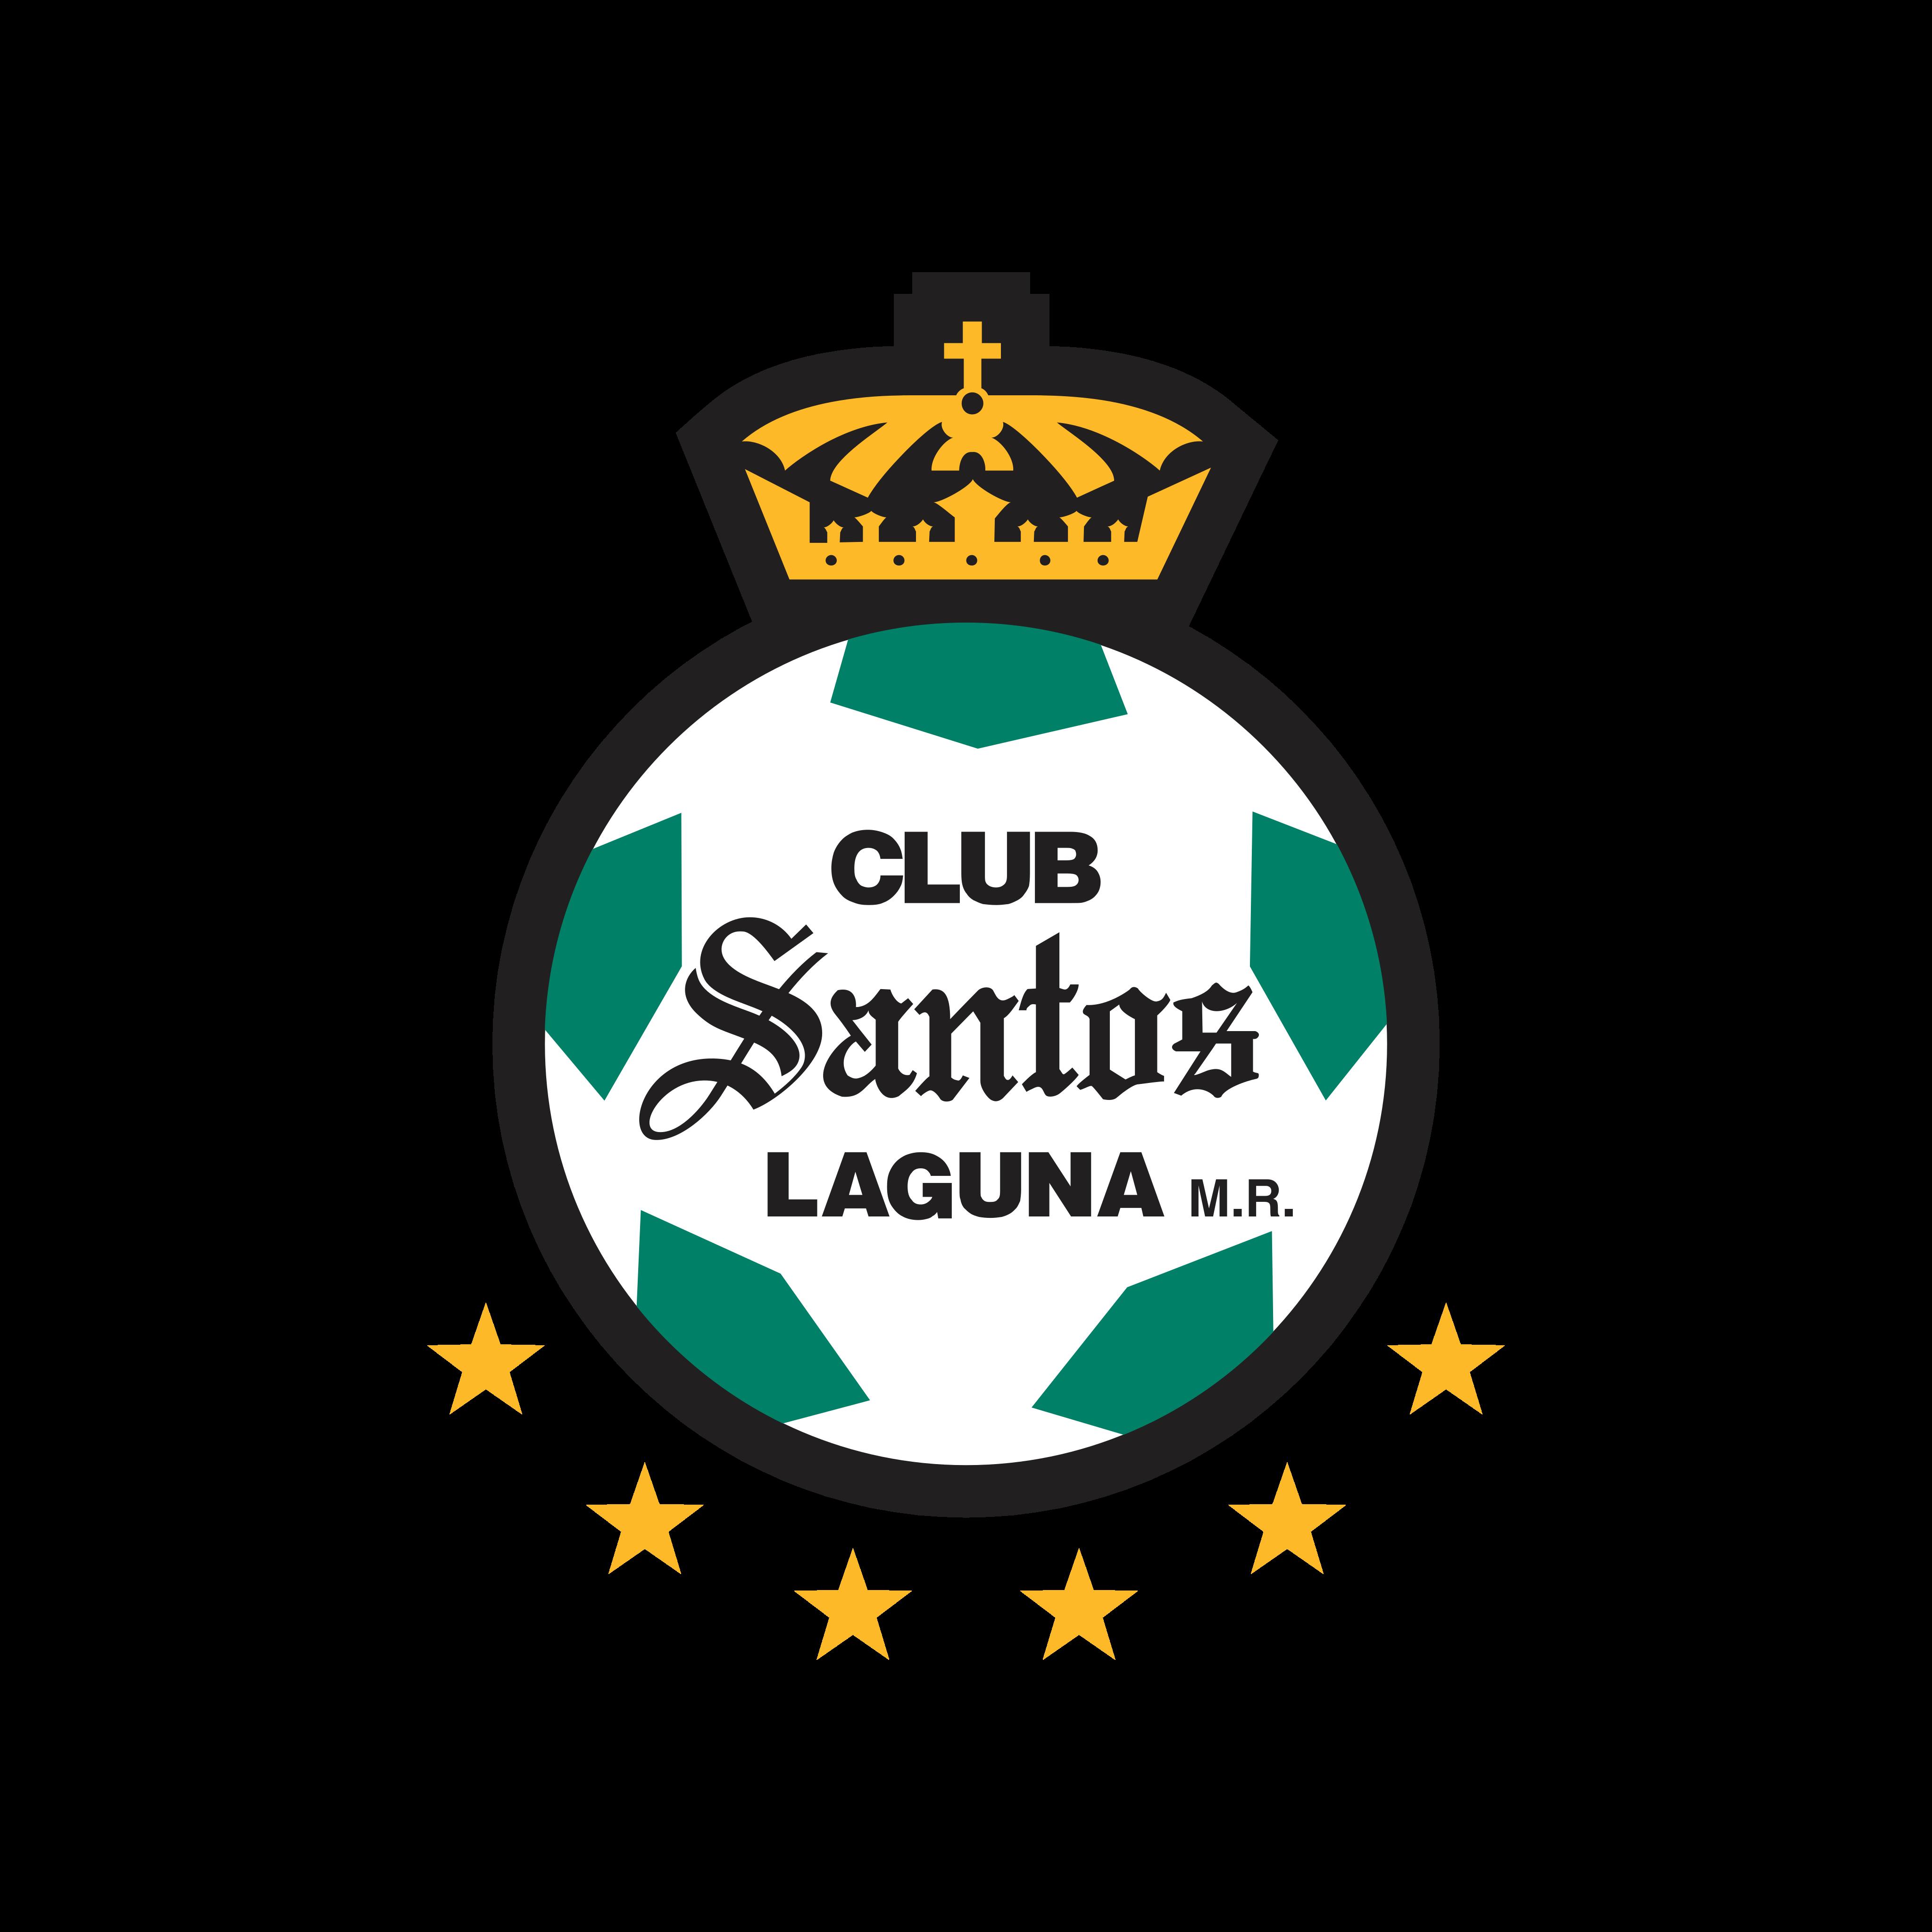 santos laguna logo 0 - Club Santos Laguna Logo